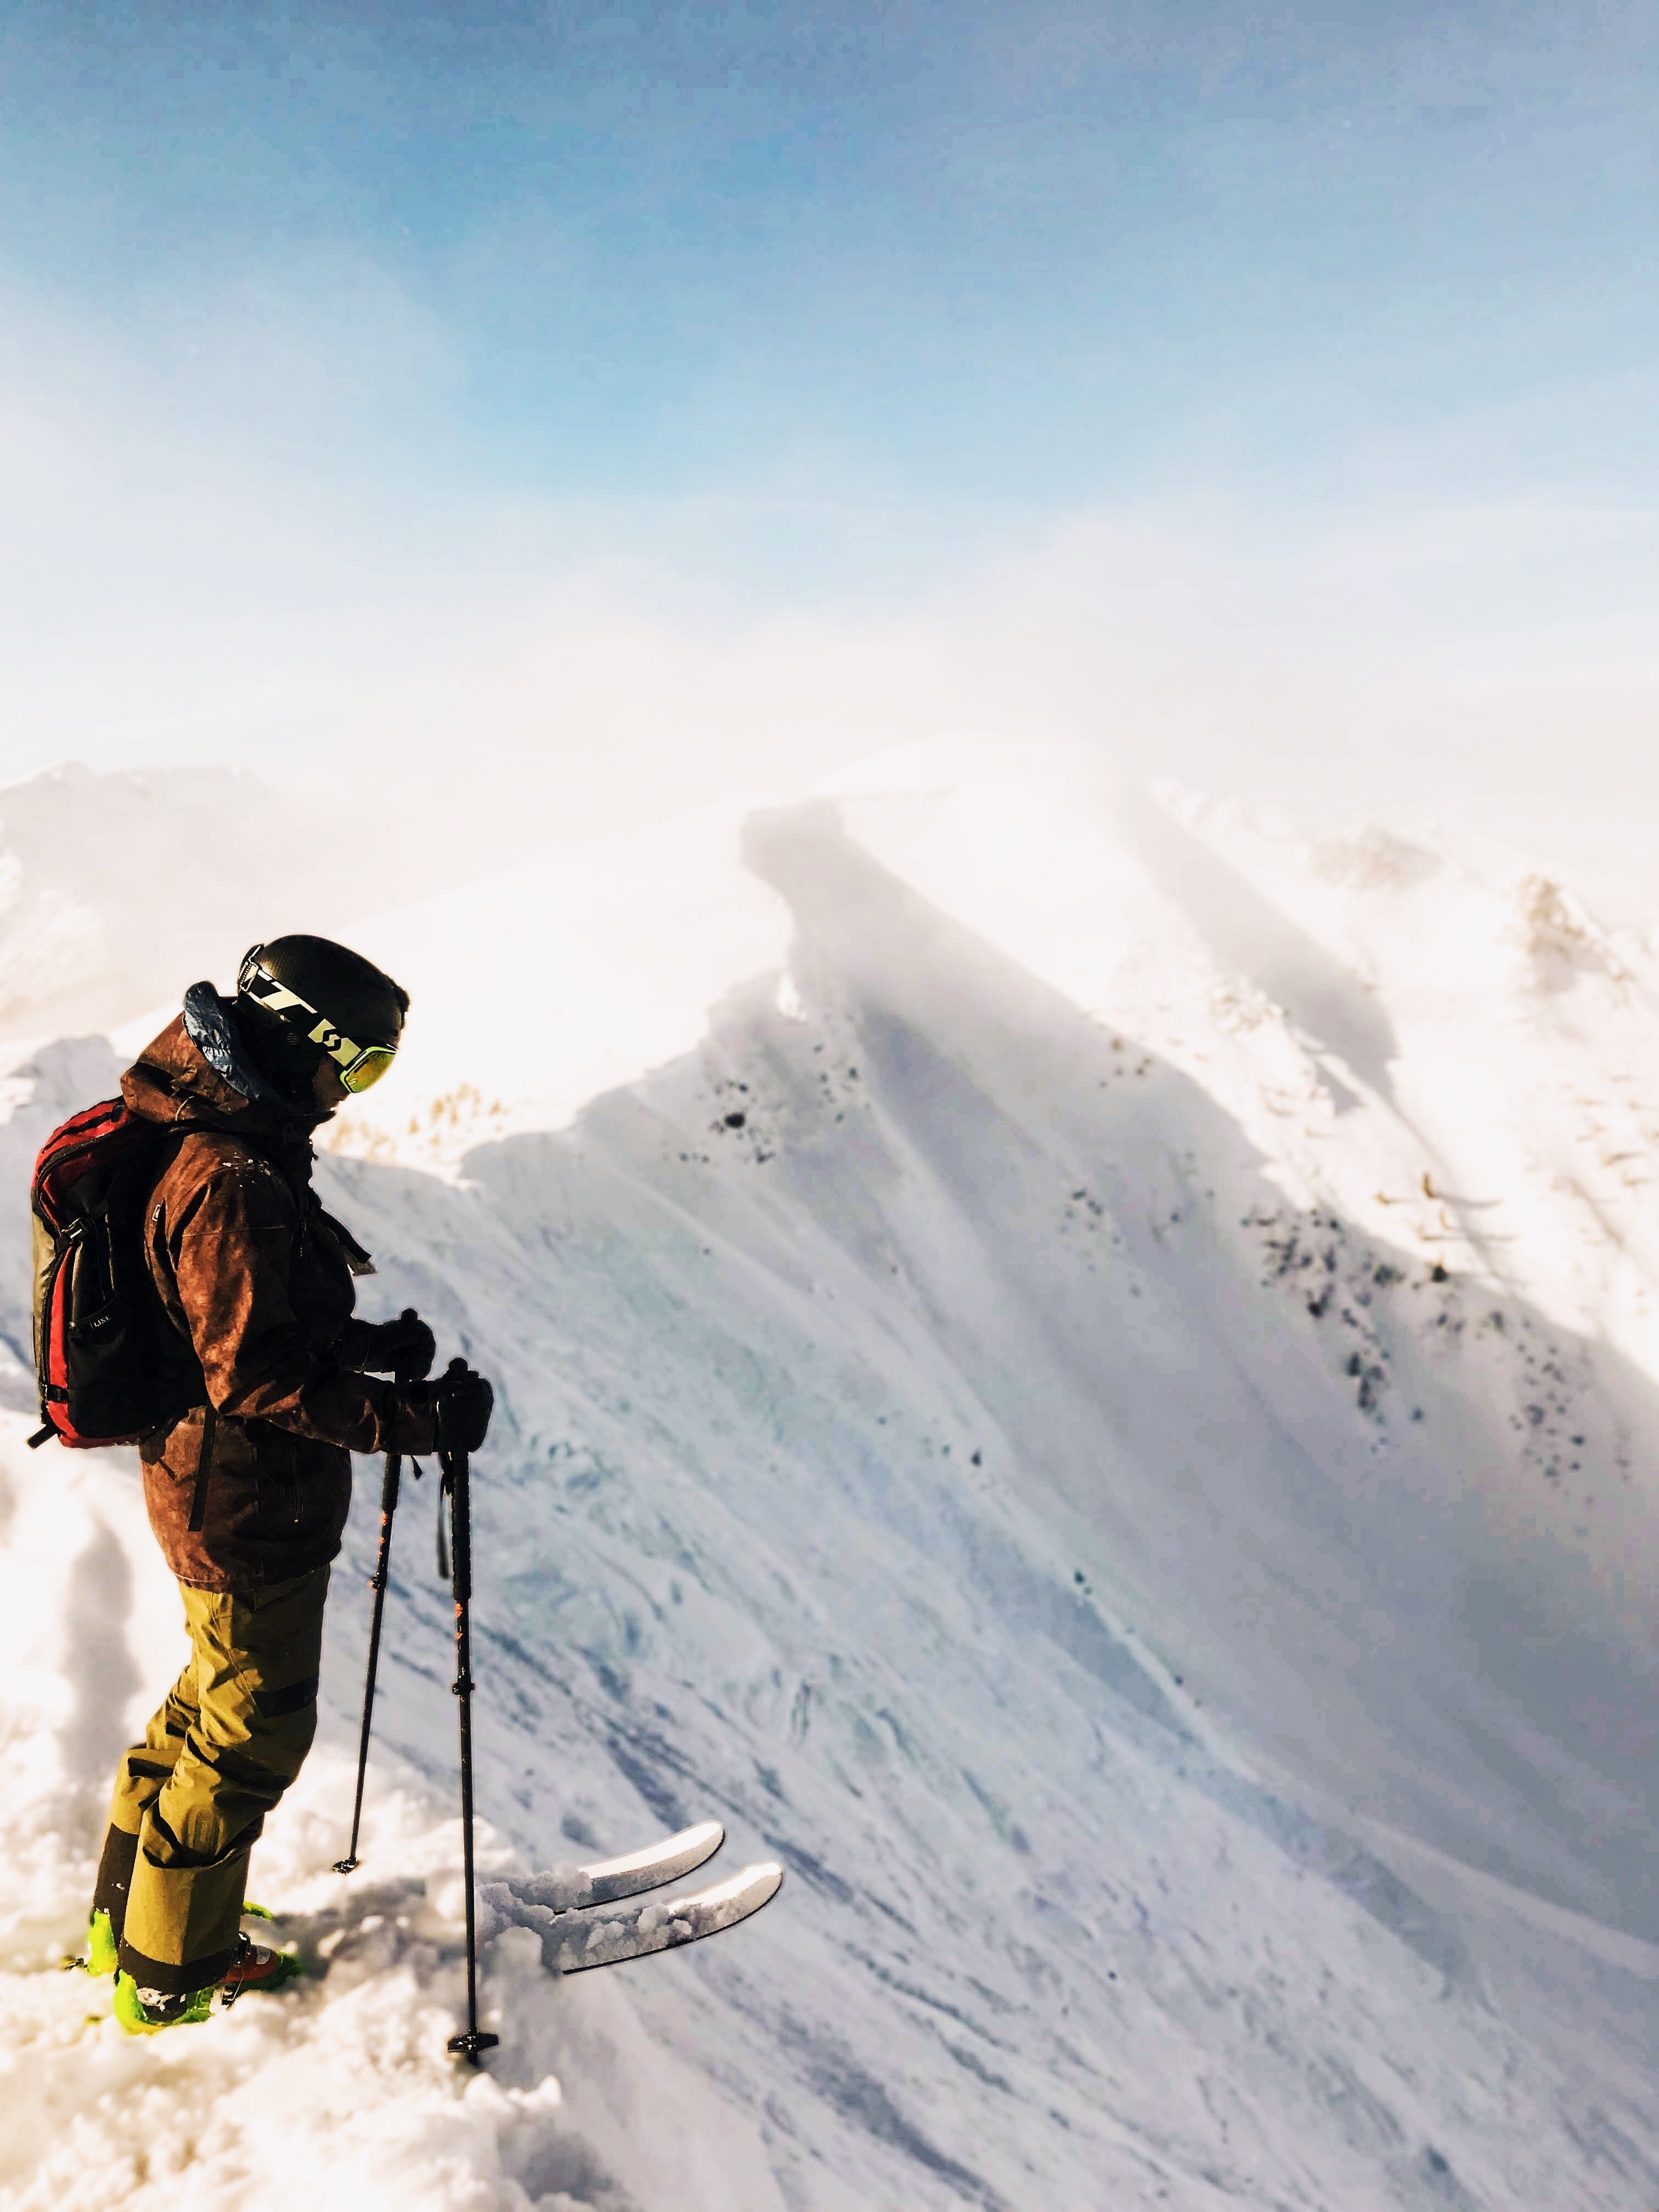 man about to ski on top of mountain peak